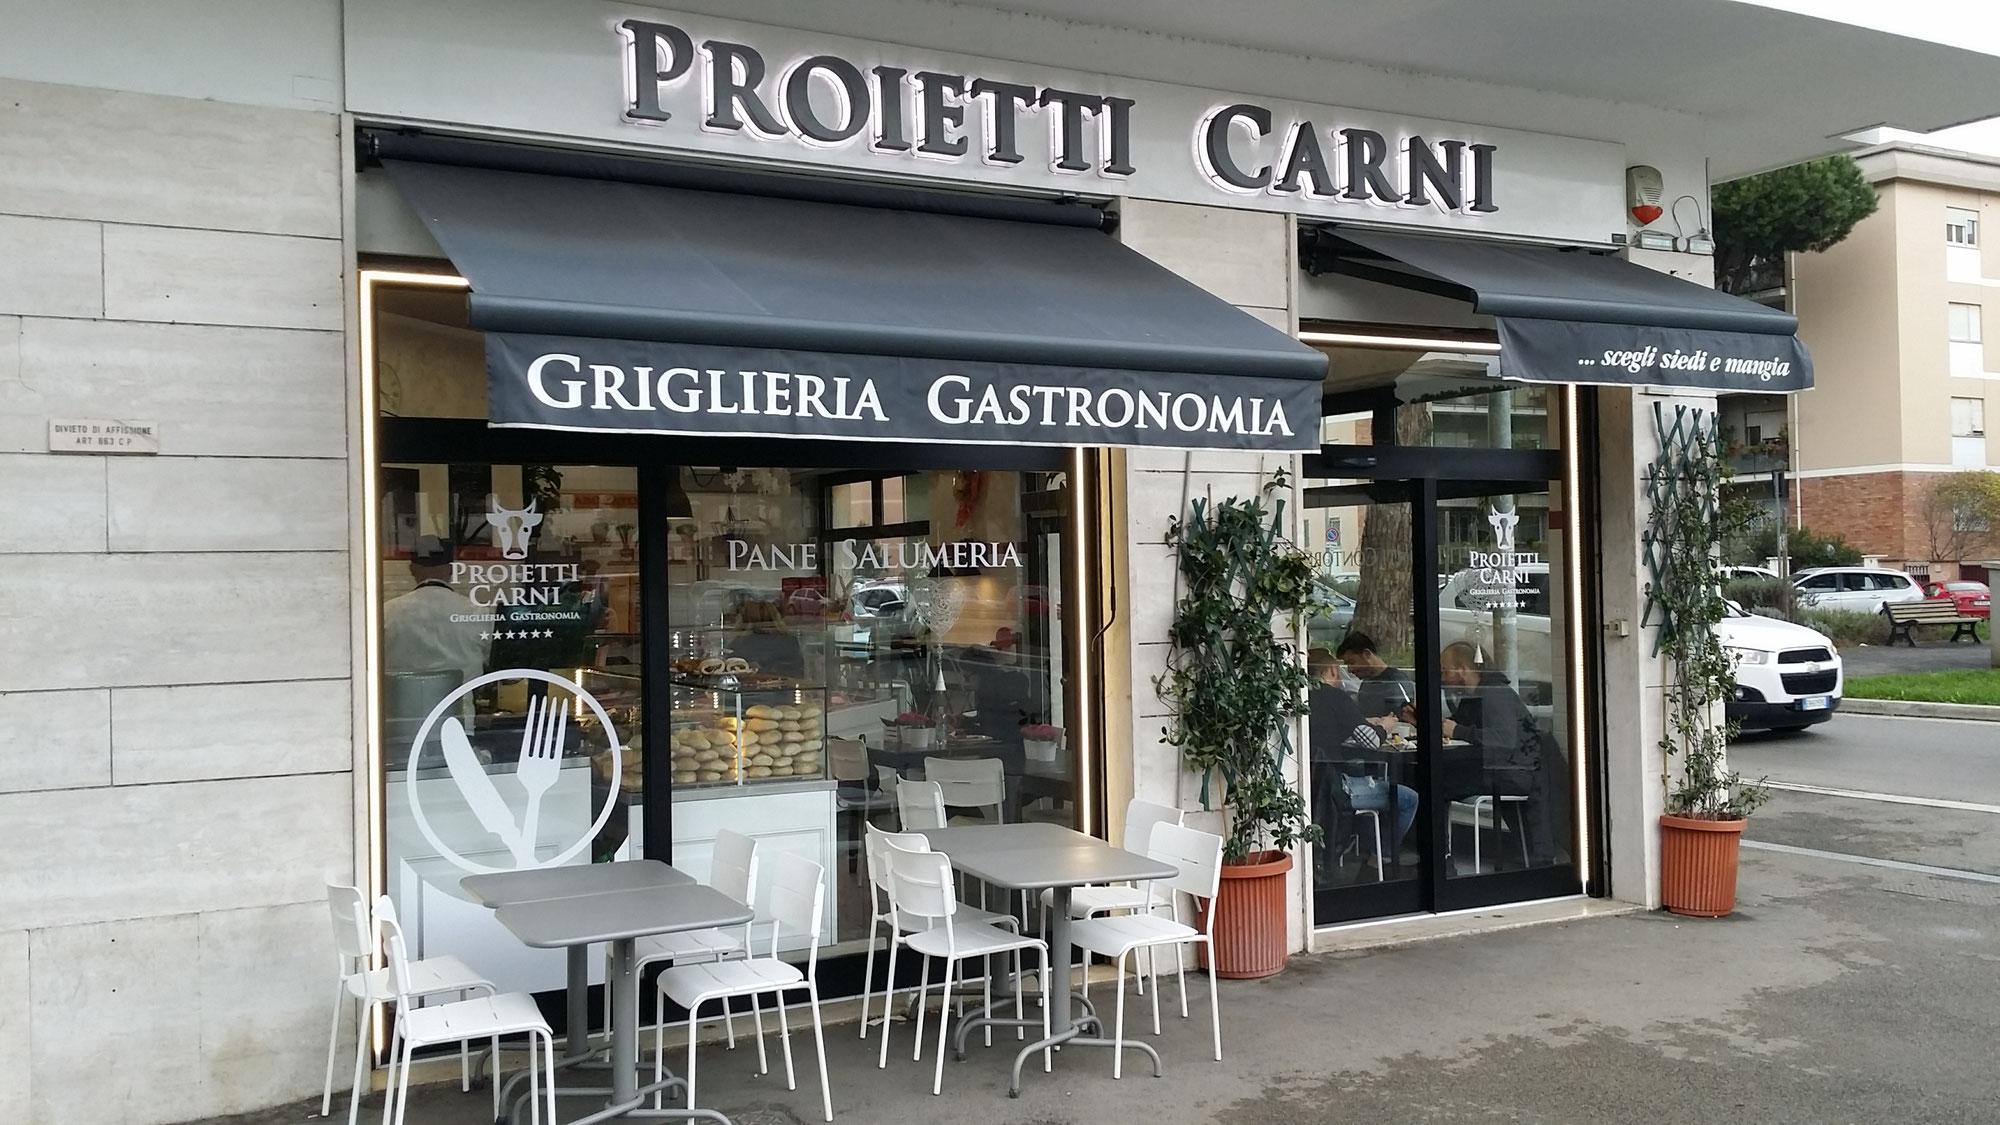 Progettazione negozi e locali commerciali a roma brand design insegne luminose imprinting roma - Diva nails roma ...